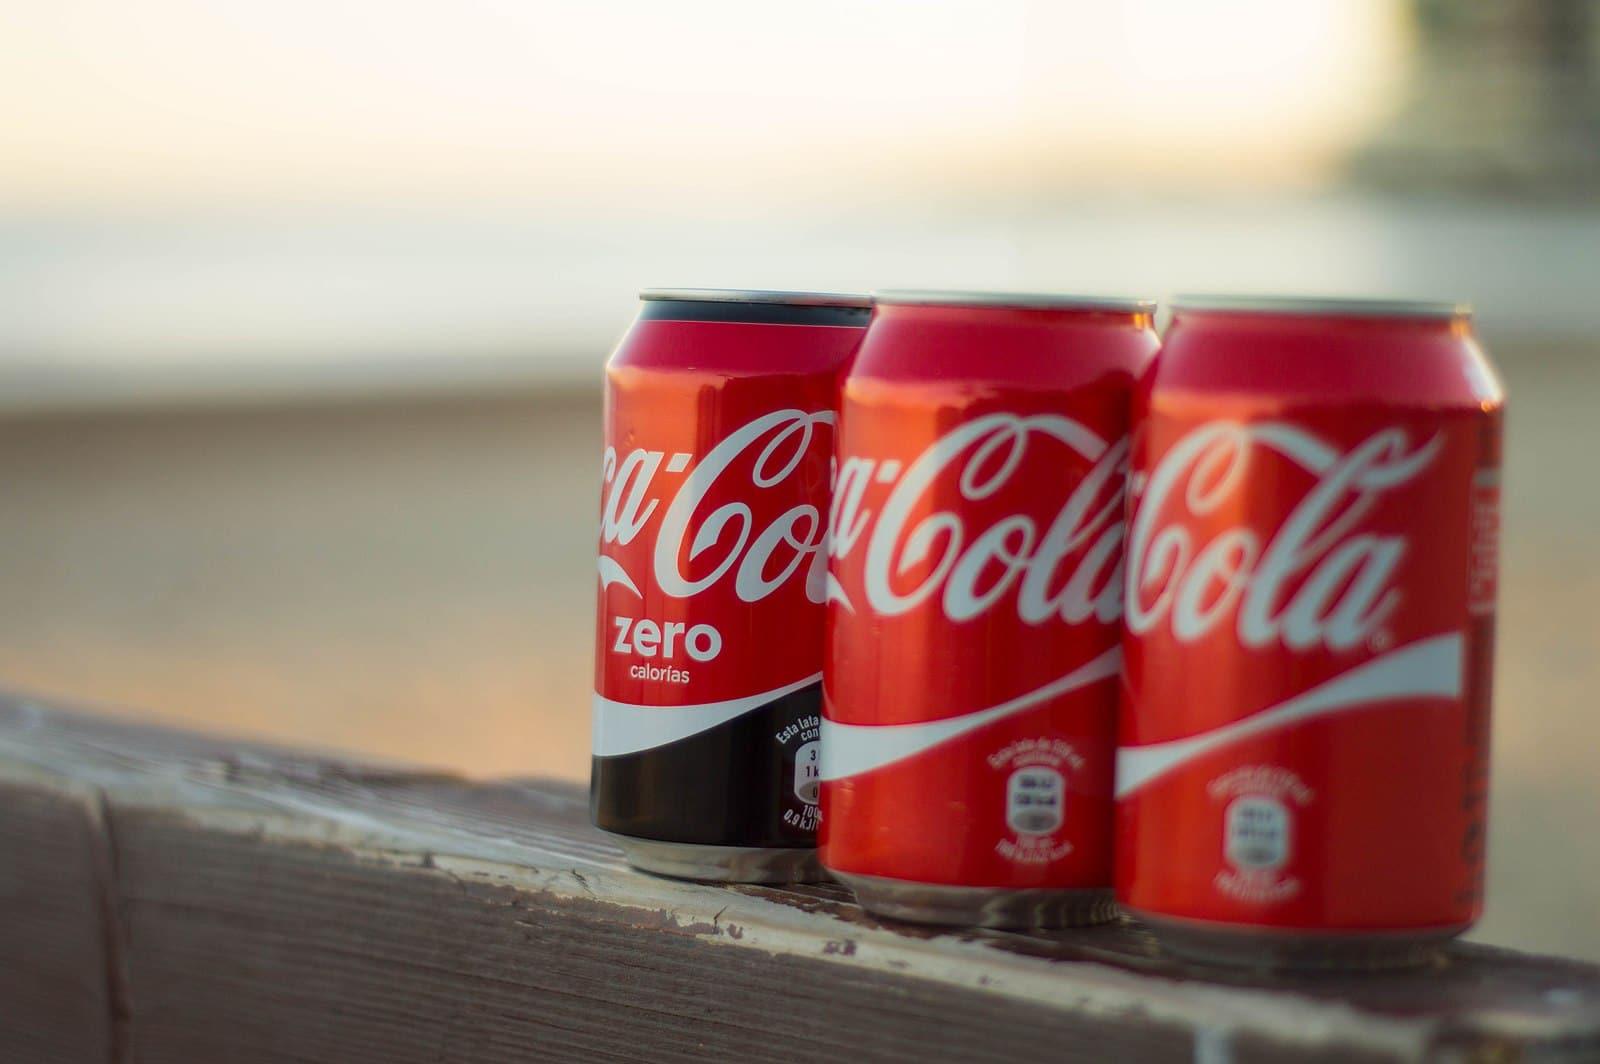 Er light sodavand sundere end 'almindeligt' sodavand?